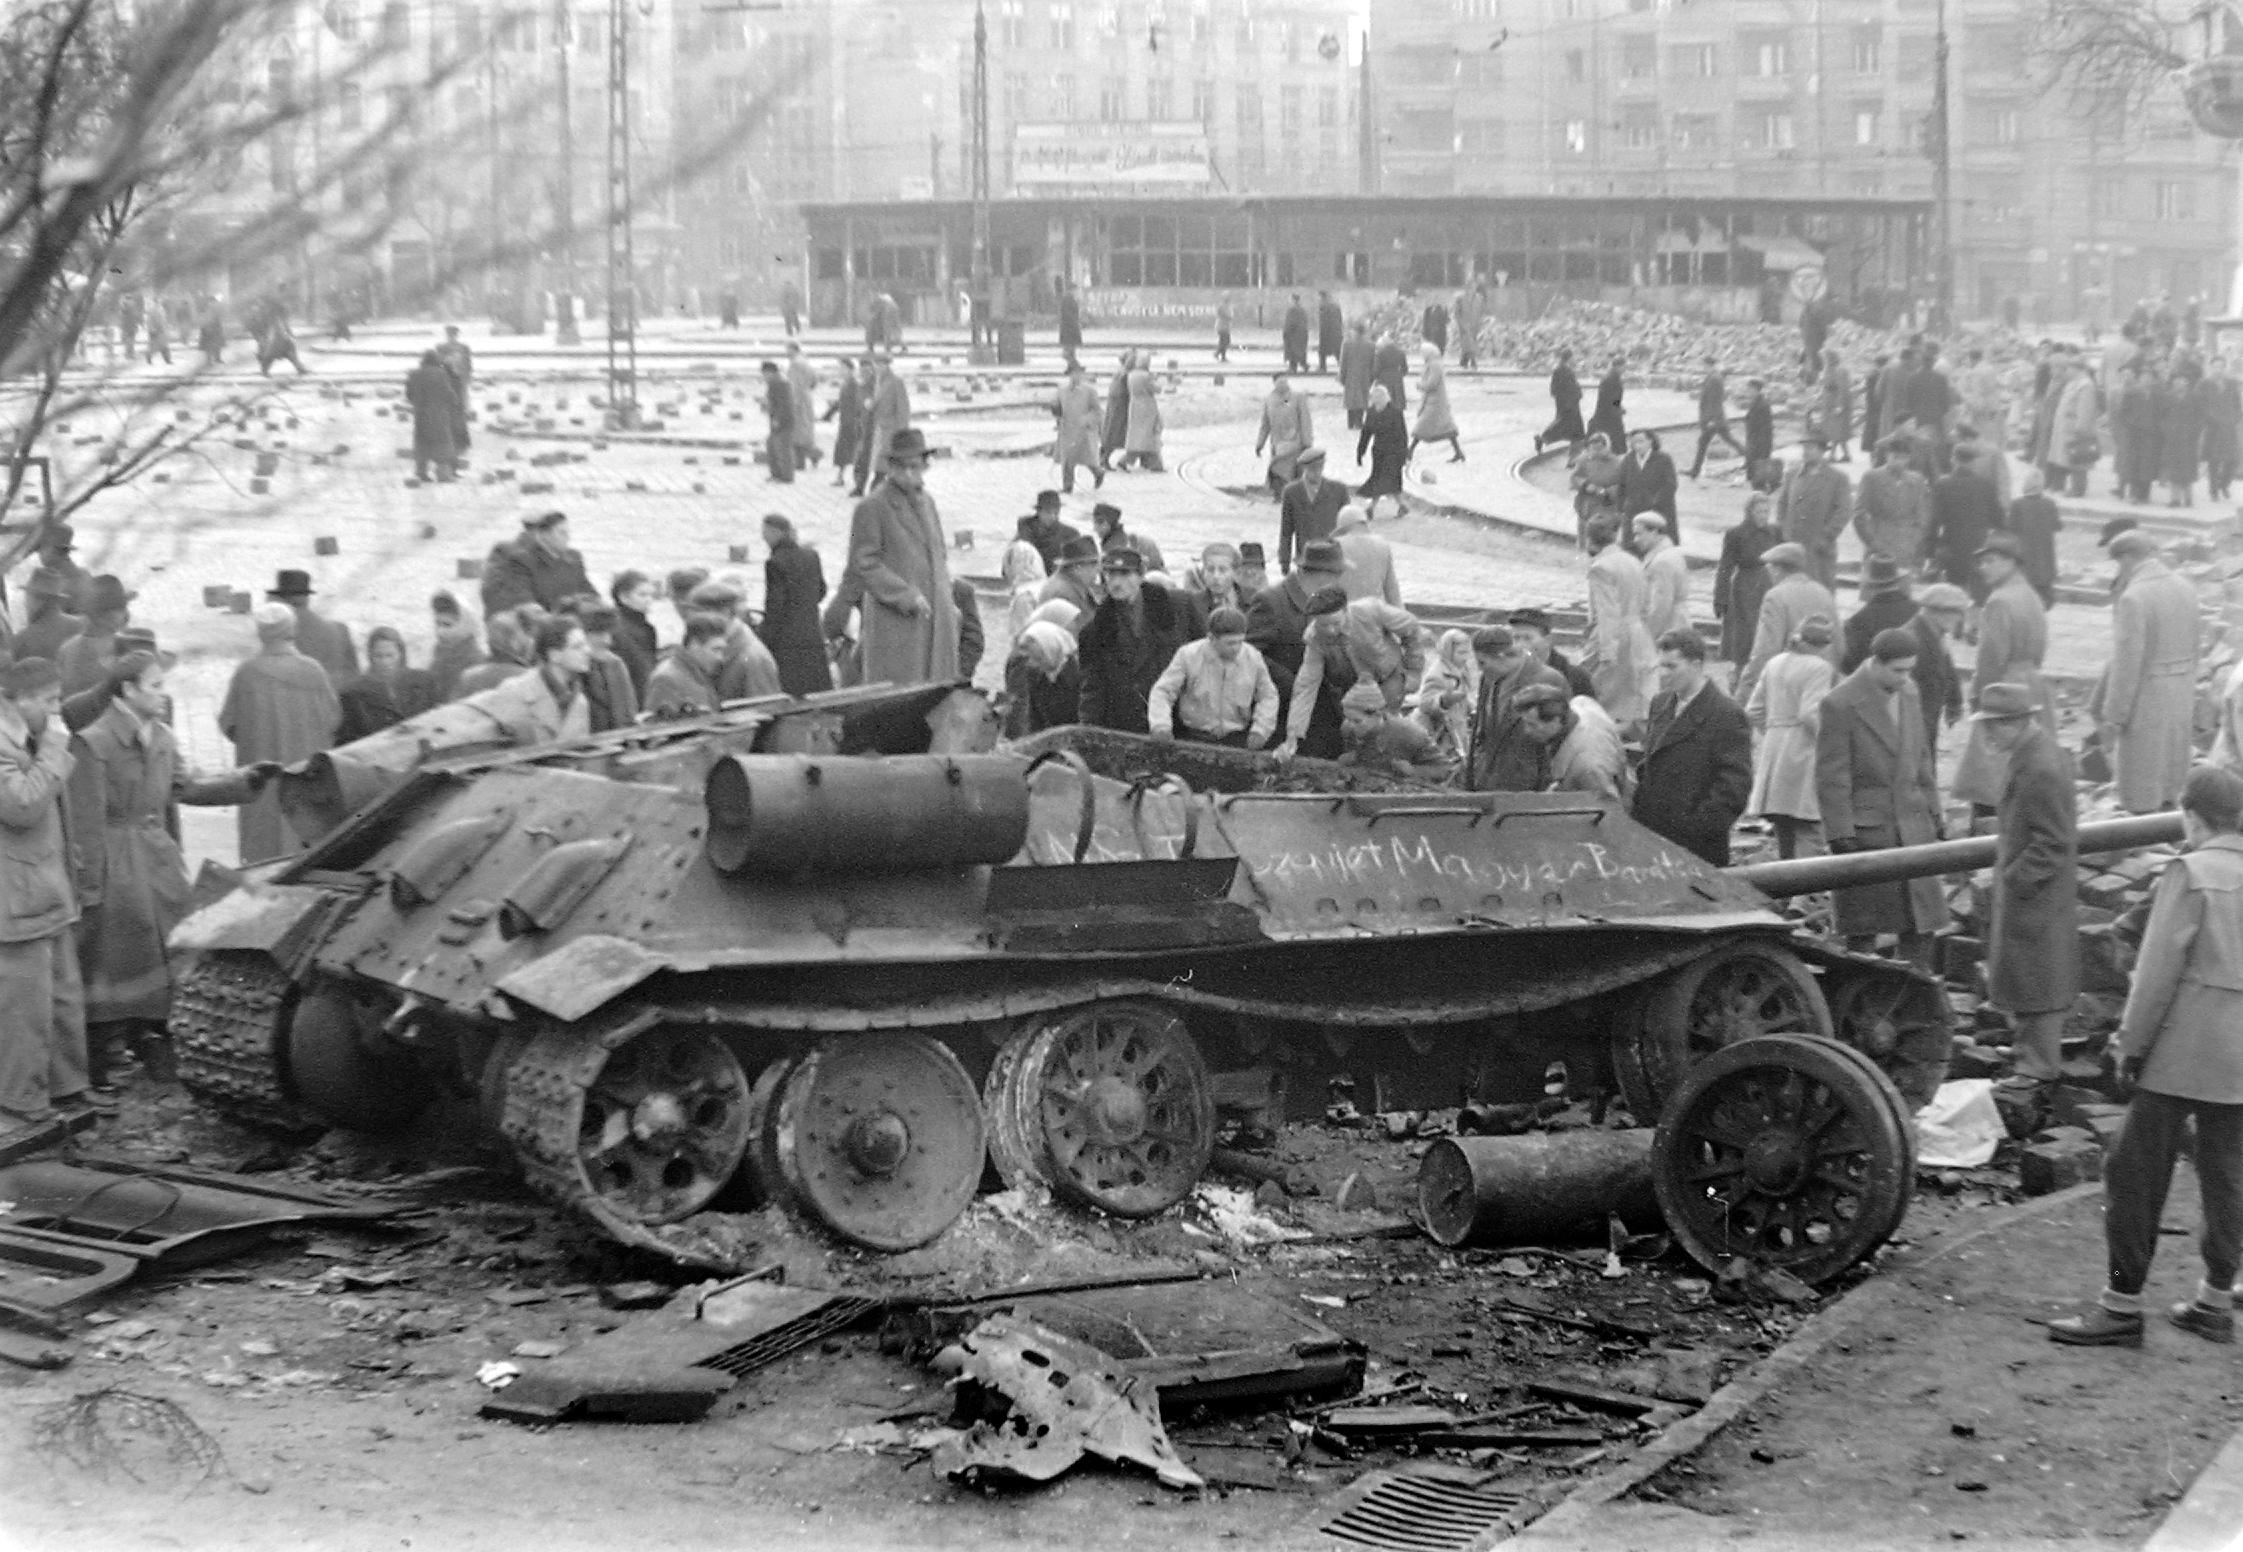 Szétlőtt harckocsi a Móricz Zsigmond körtéren.jpg